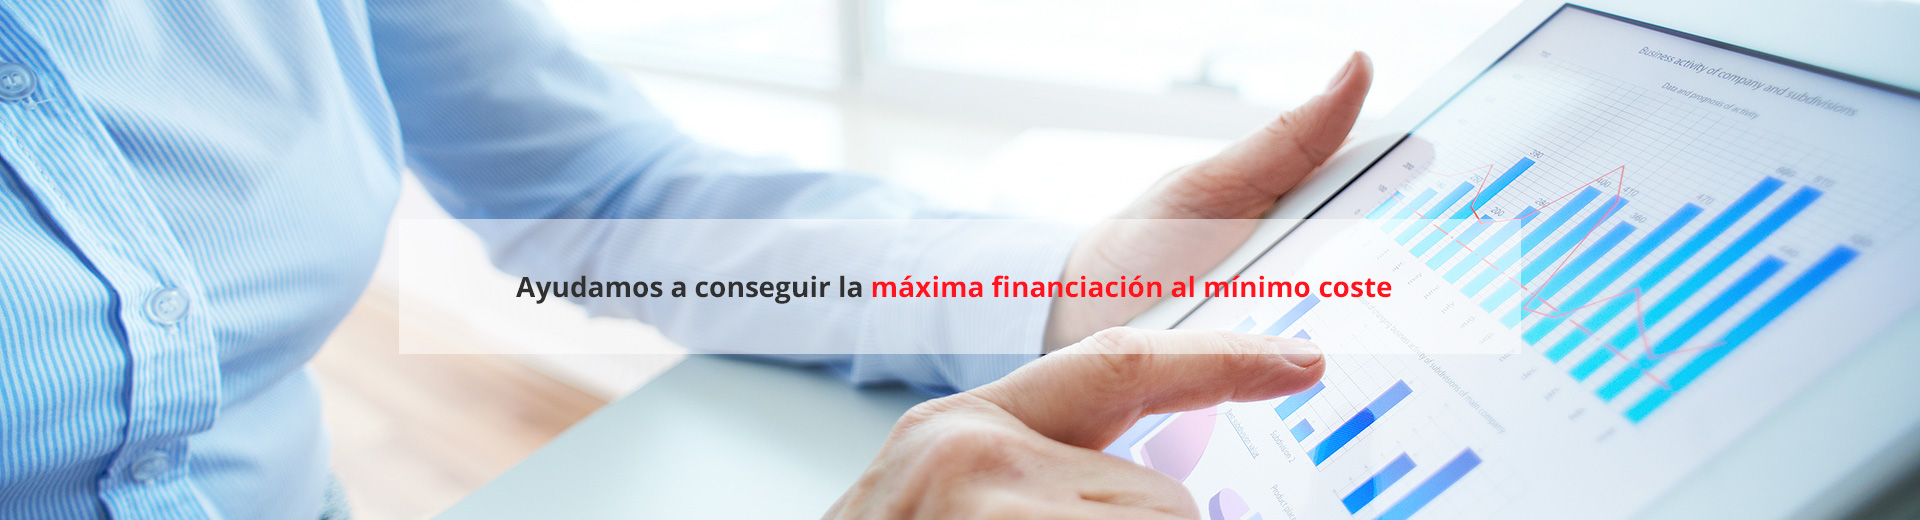 Gestió obtenció de finançament